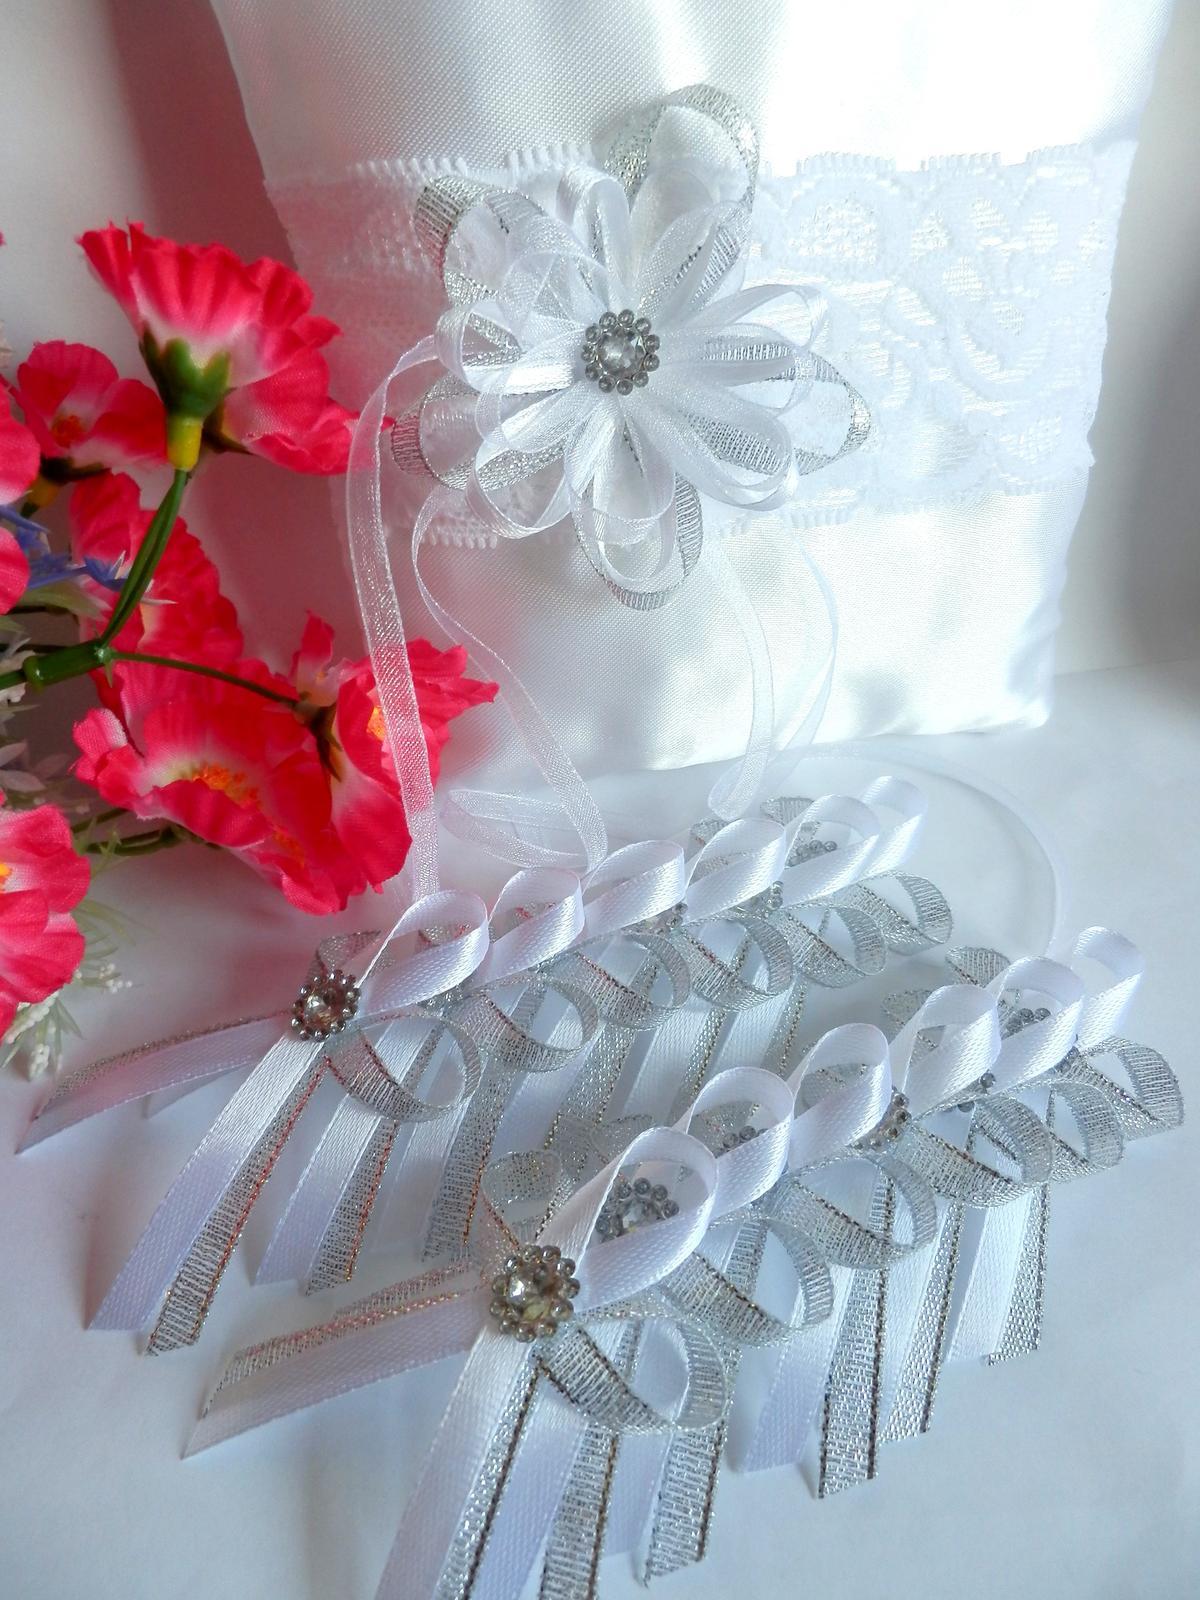 Svatební vývazky, podvazky, polštářky, náramky... - Obrázek č. 11